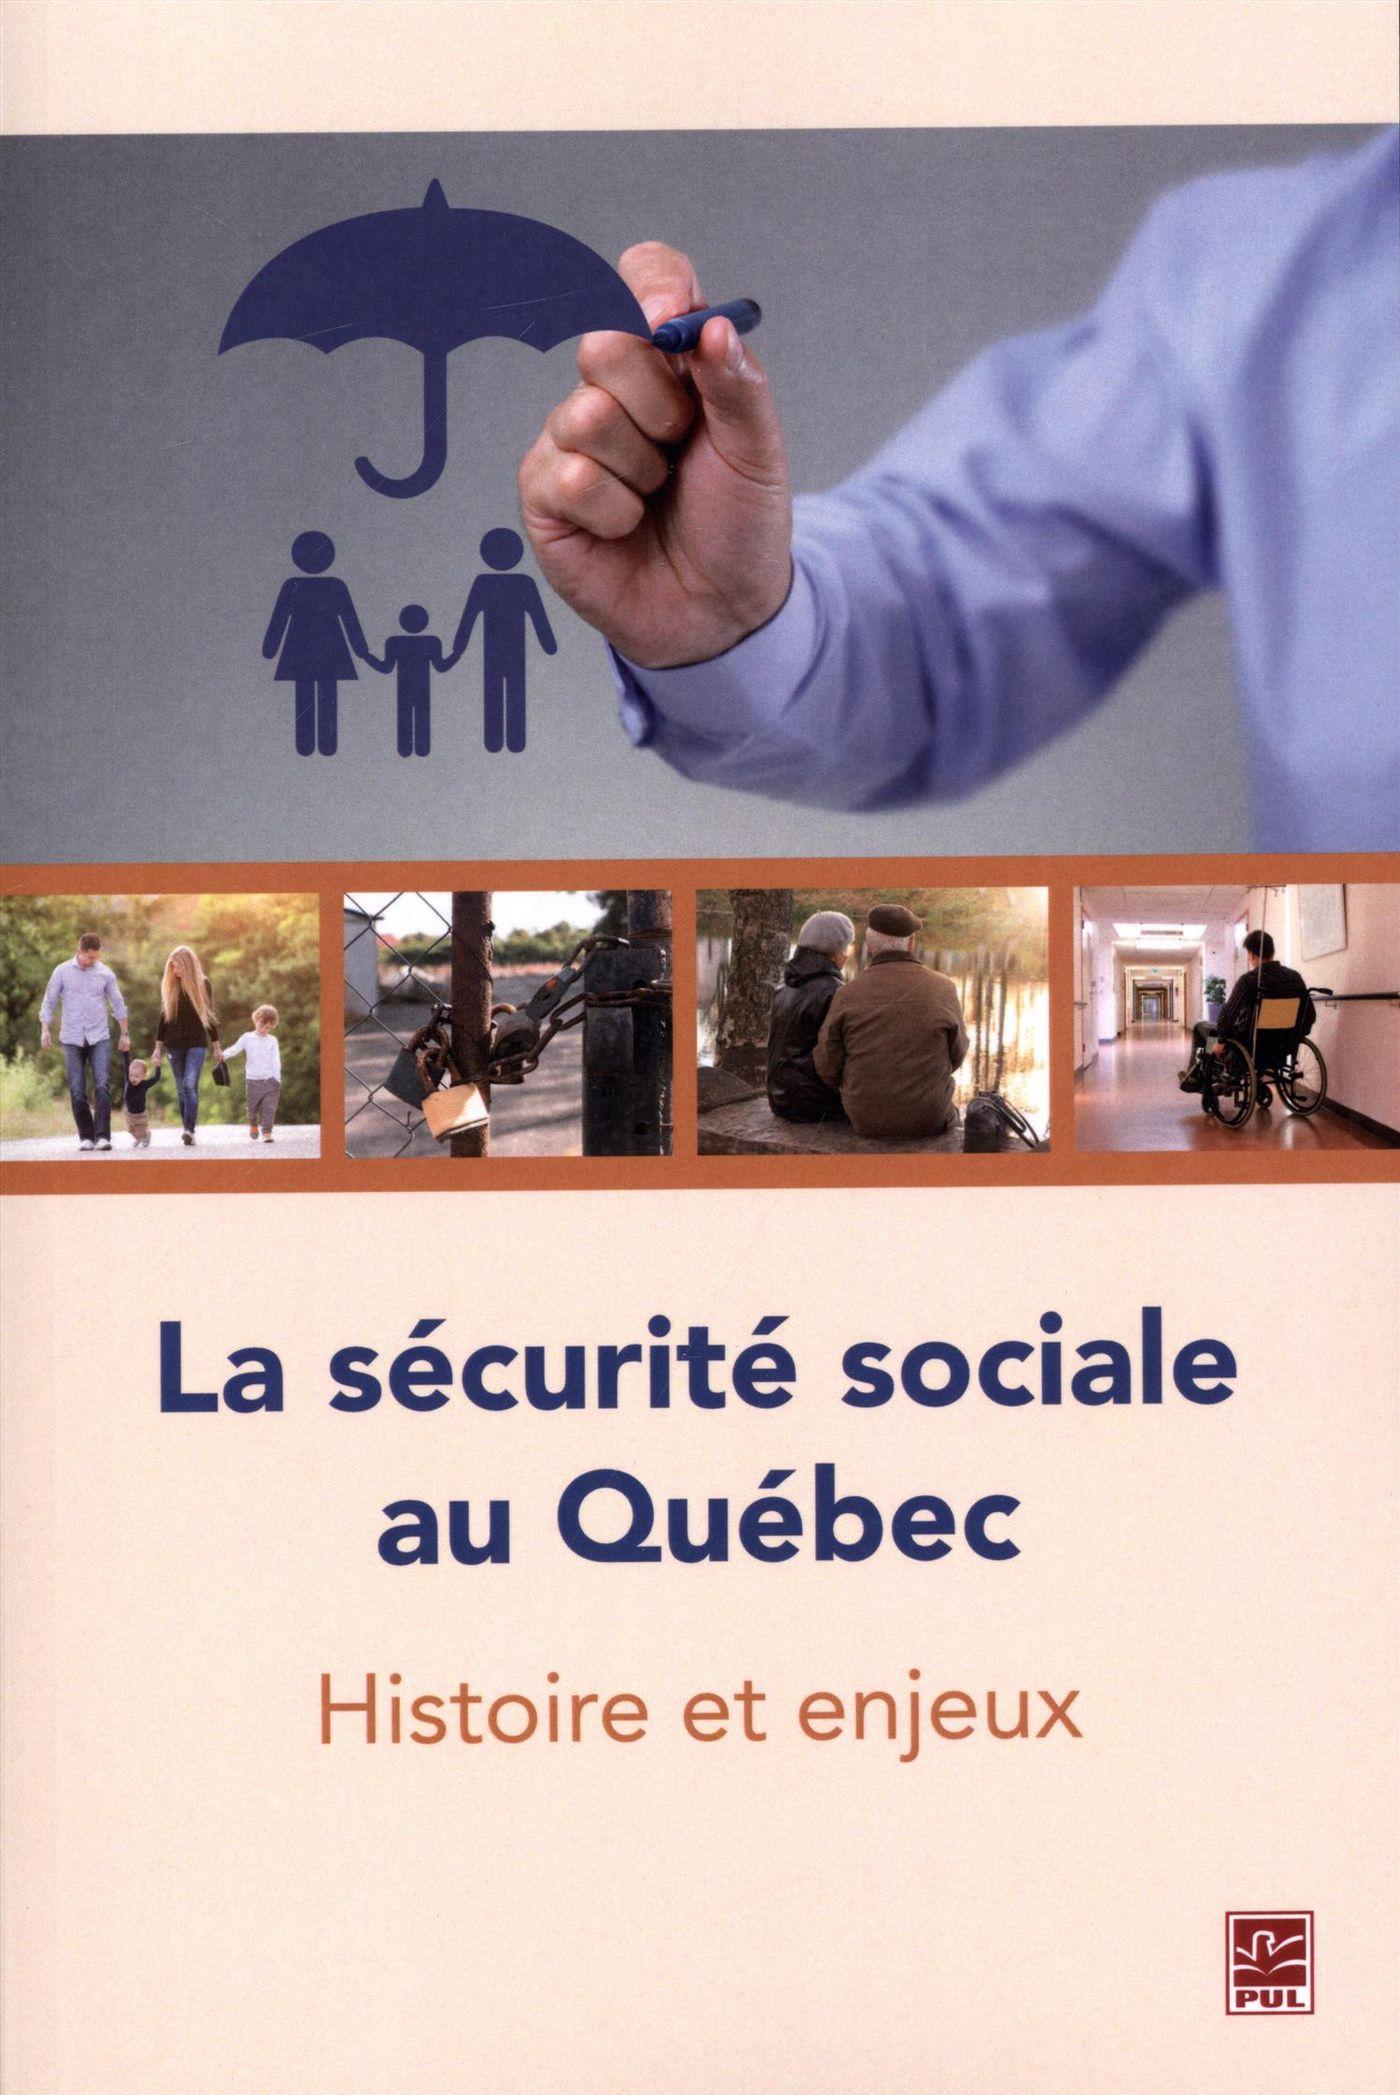 La sécurité sociale au Québec : Histoire et enjeux